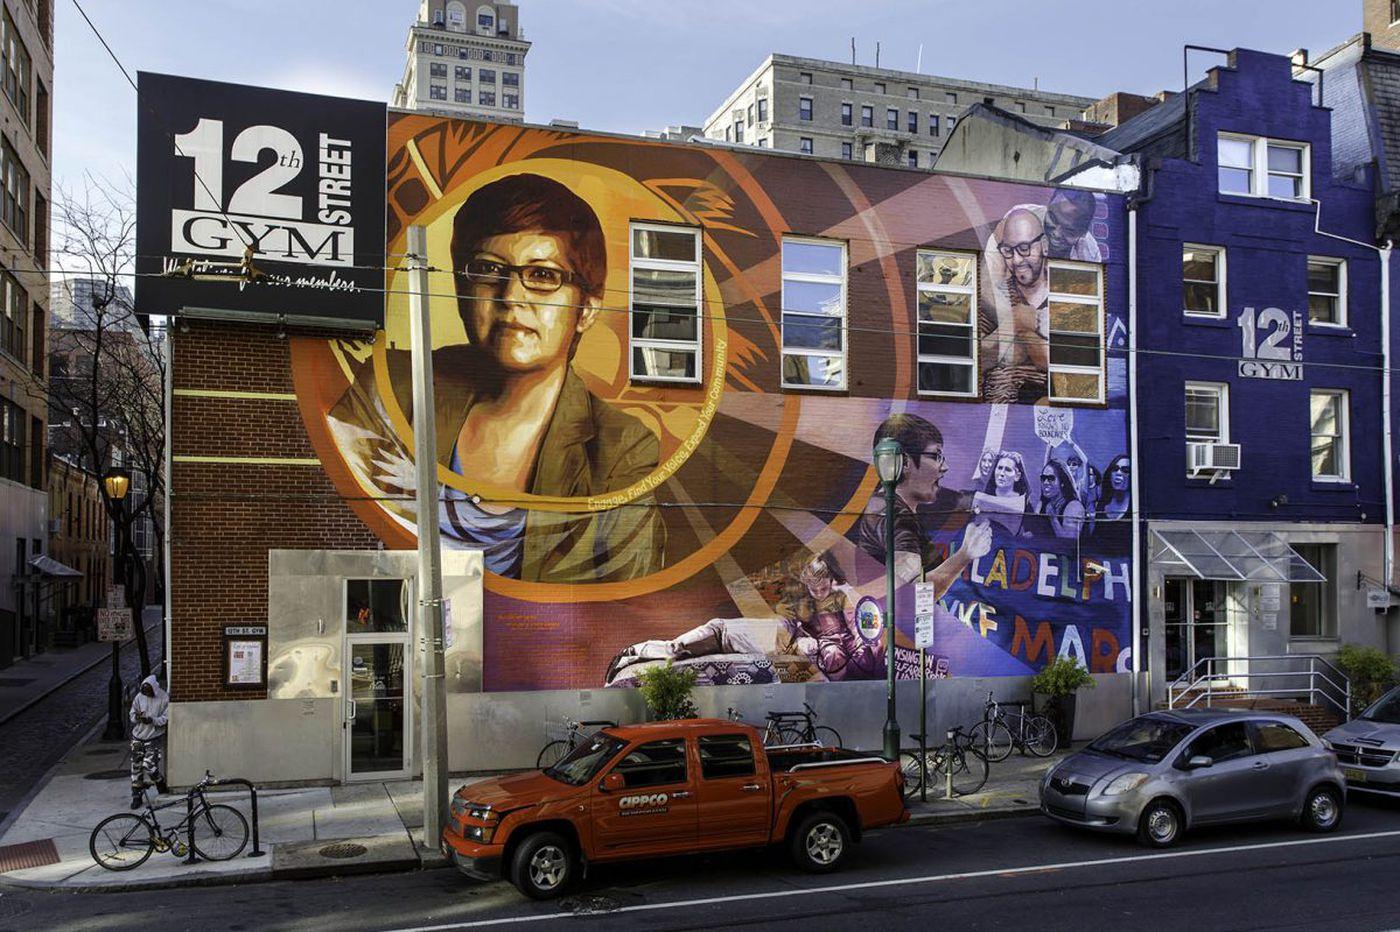 12th Street Gym's mural maybe in danger. The artist explains whatthe Gayborhoodrisks in losing it.